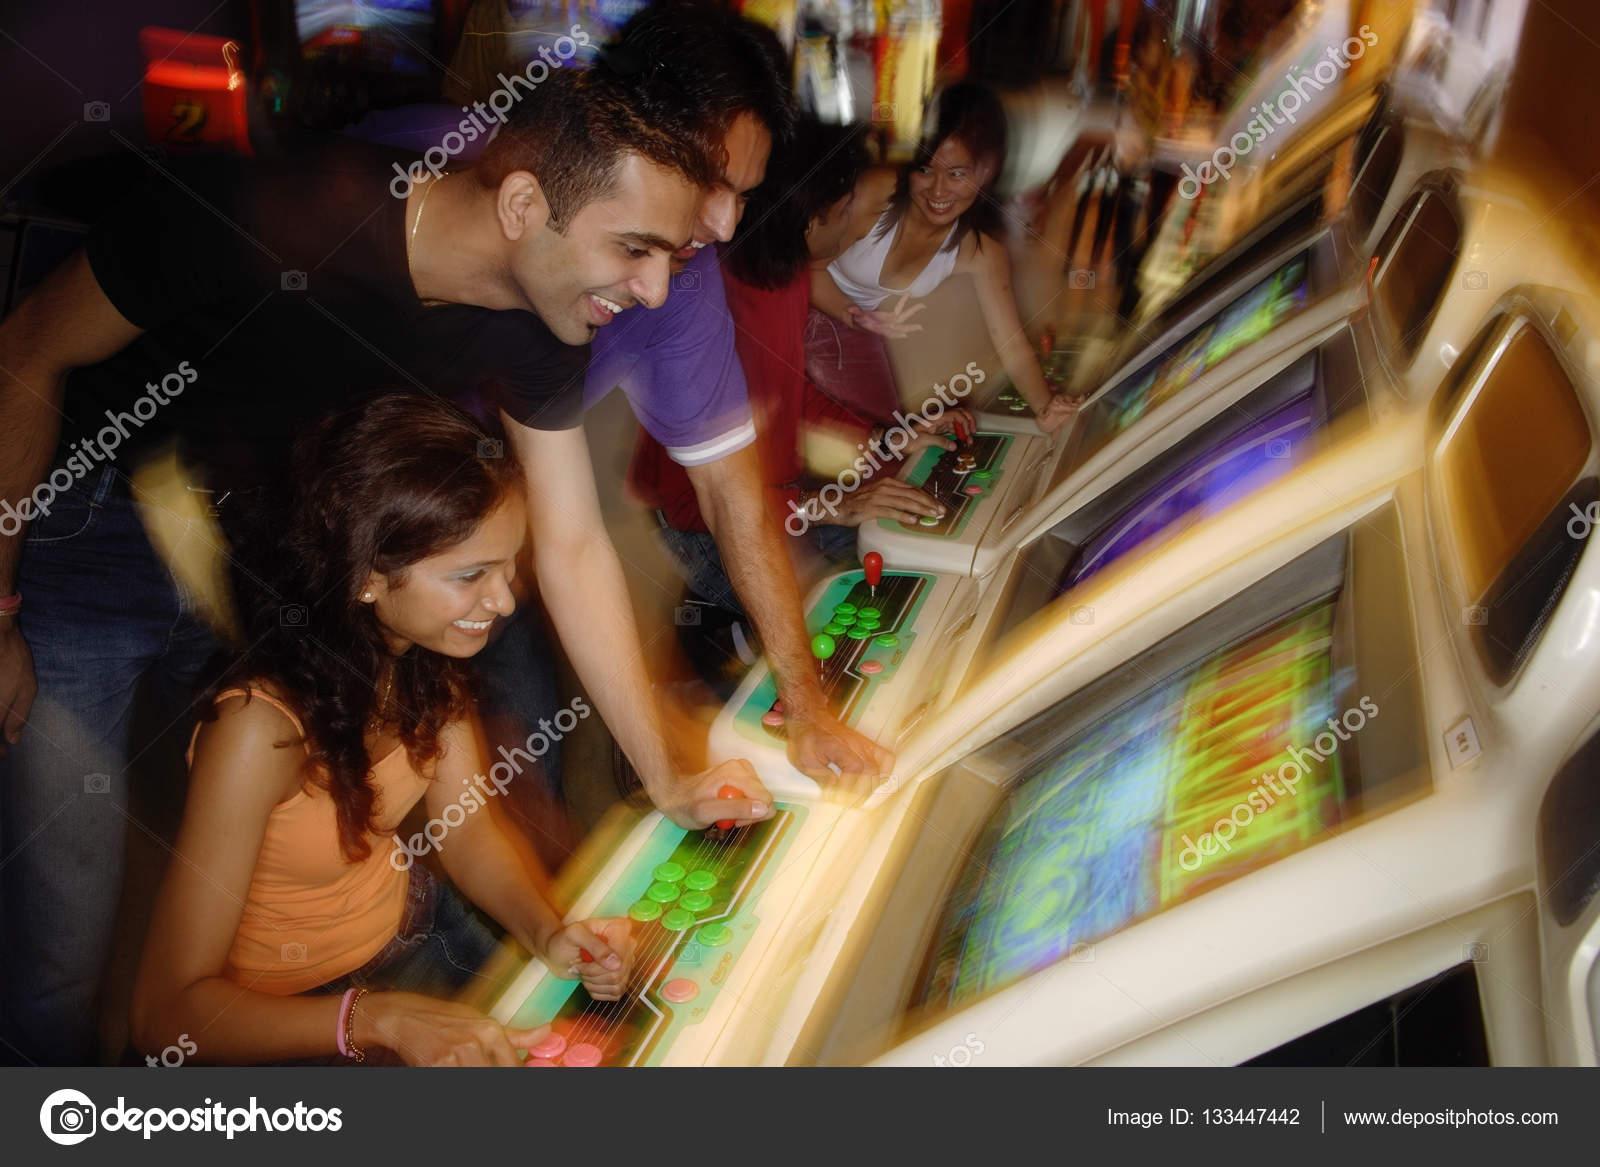 Adultos jóvenes en video arcade — Fotos de Stock © MicrostockAsia ...